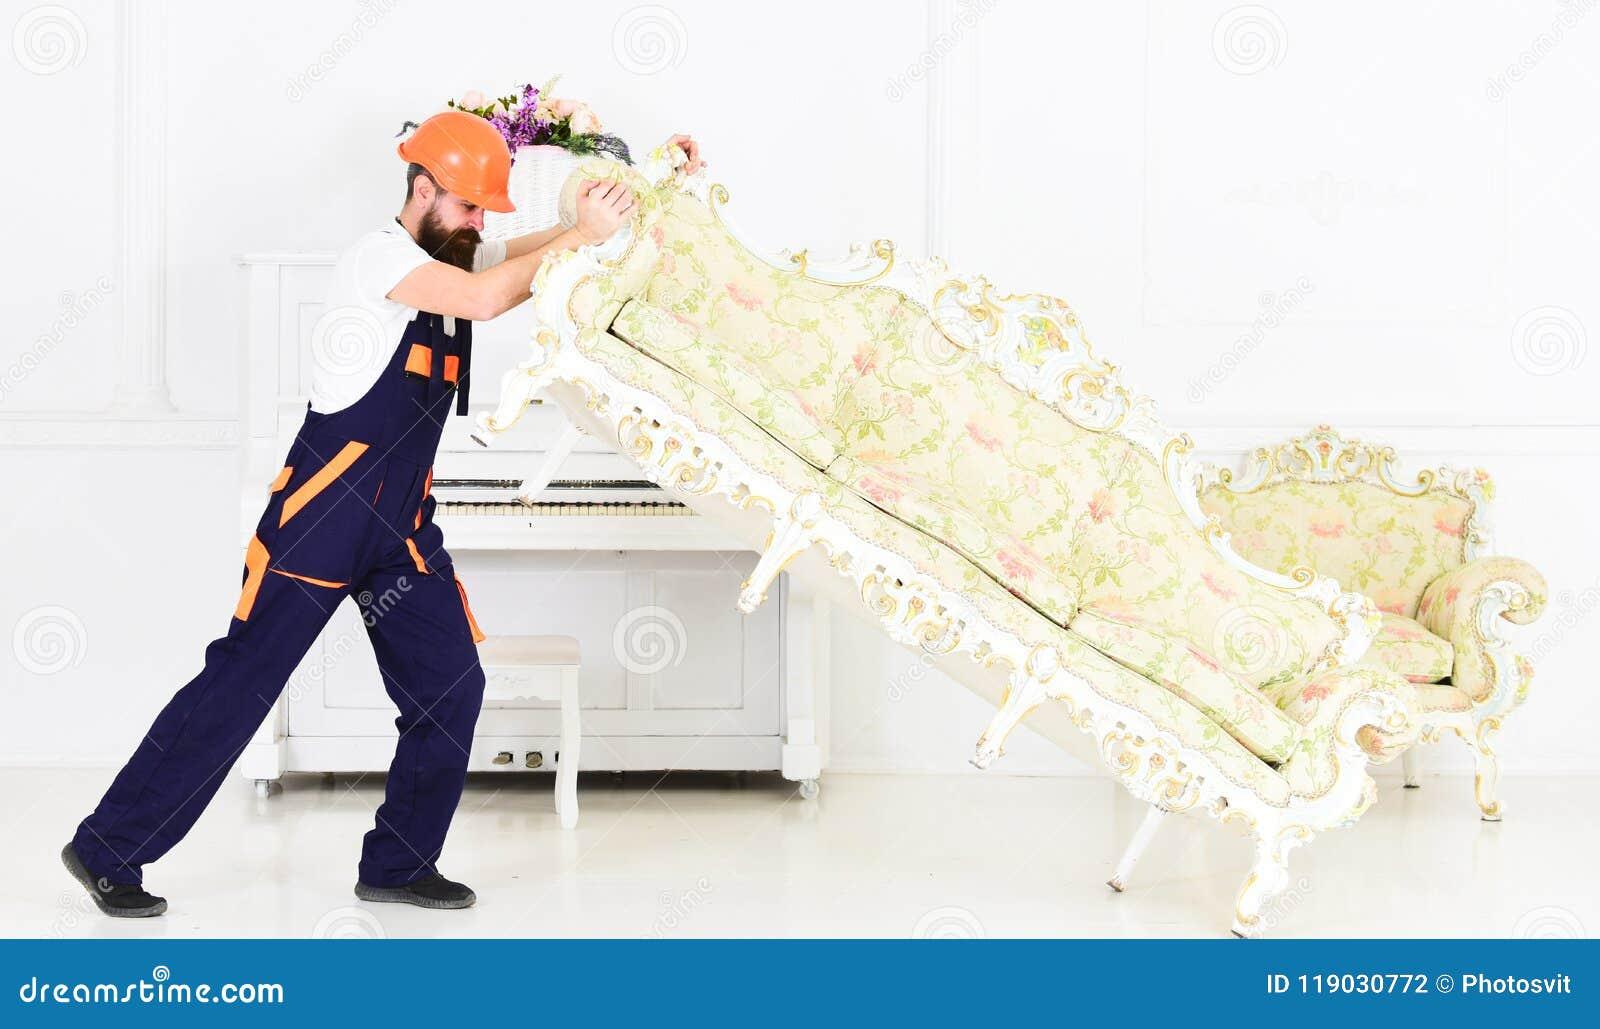 Lieferungsservicekonzept Kurier liefert Möbel im Falle sich bewegen heraus, Verlegung Lader bewegt Sofa, Couch Mann mit